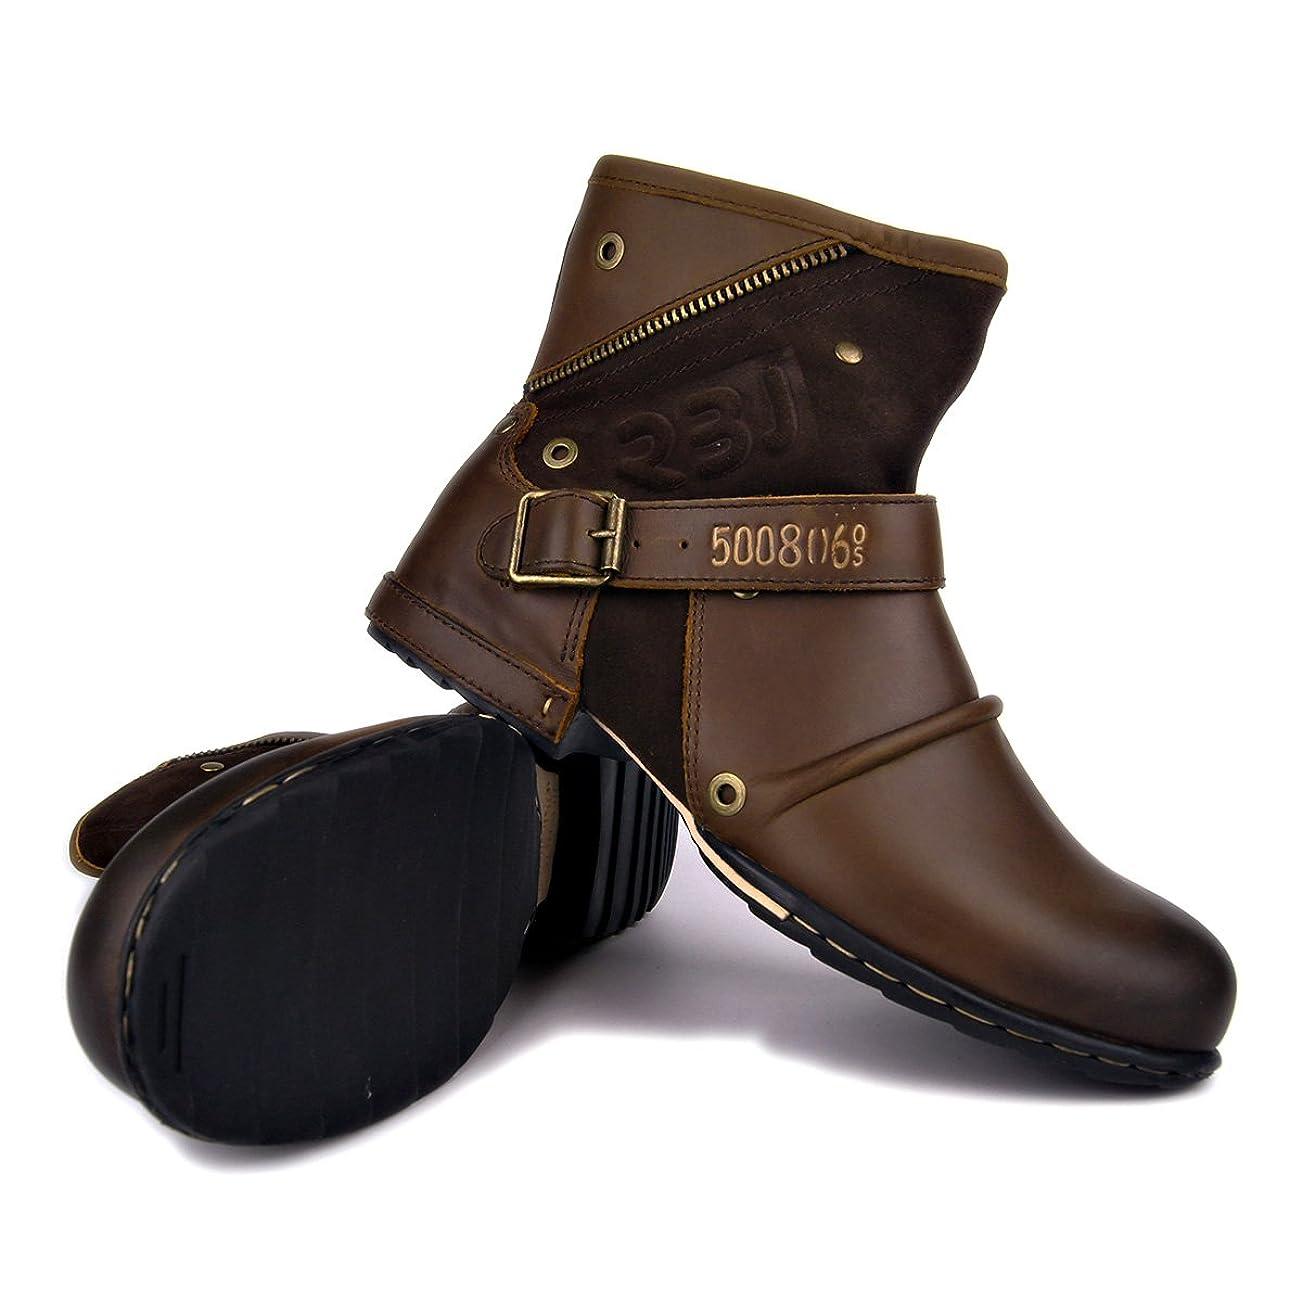 画面ルーム海外でalohapi SWAT タクティカル ブーツ サイド ジッパー 式 ミリタリー ブーツ ジャングル ブーツ